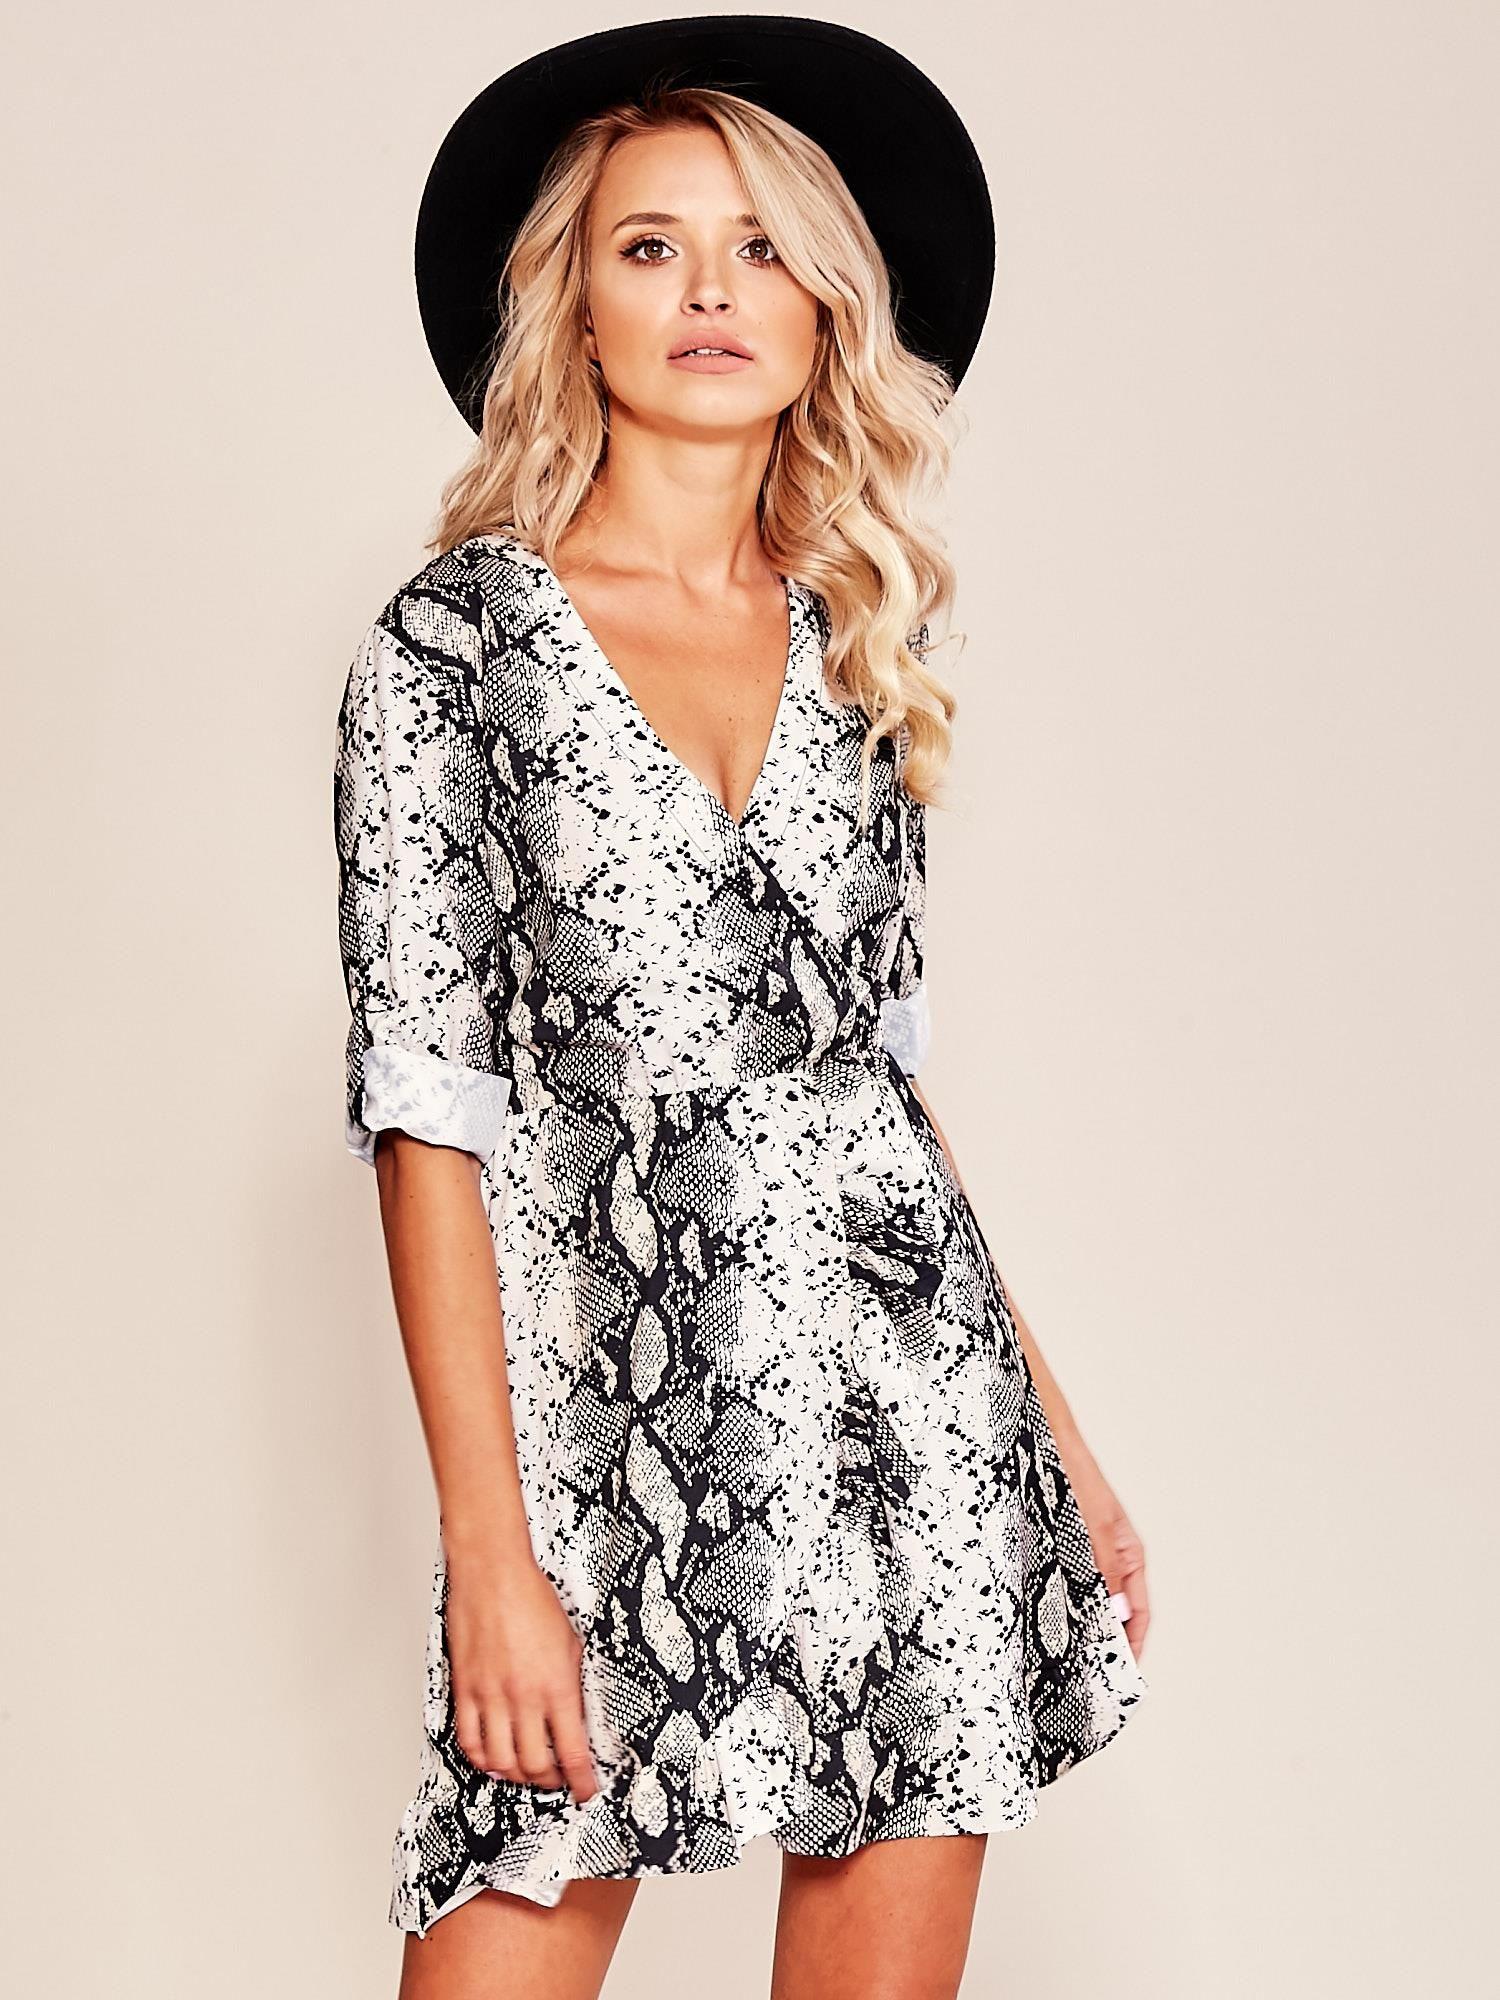 285bd3ba6591 Beżowo-czarna wzorzysta sukienka z falbaną - Sukienka na co dzień - sklep  eButik.pl